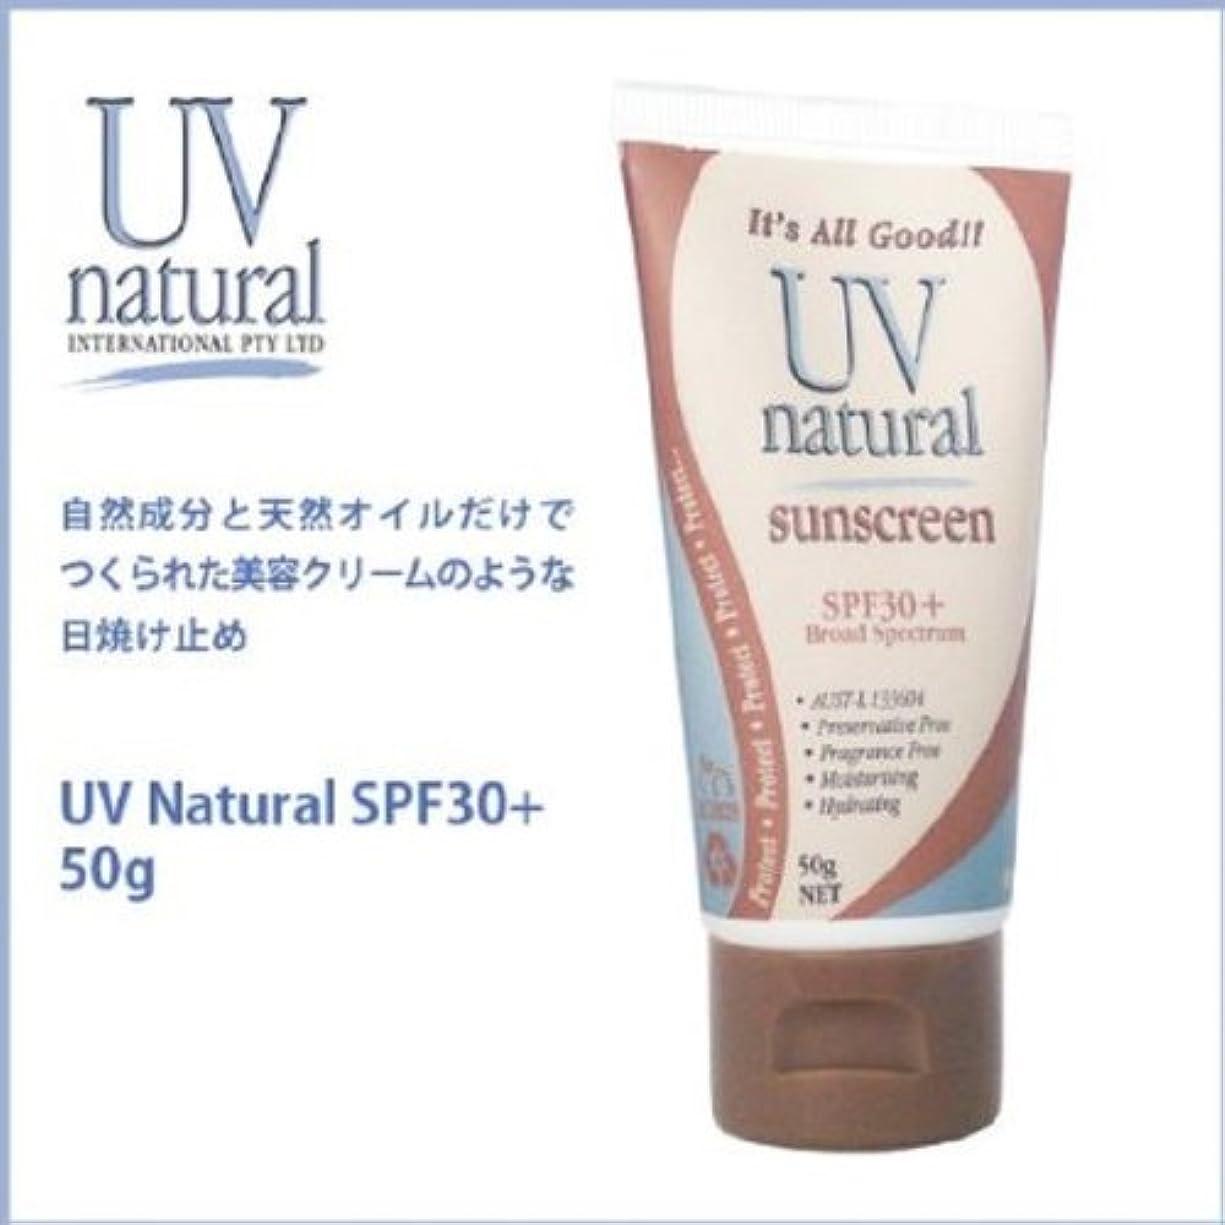 ラジカル昼寝カーテン【UV NATURAL】日焼け止め Natural SPF30+ 50g 3本セット